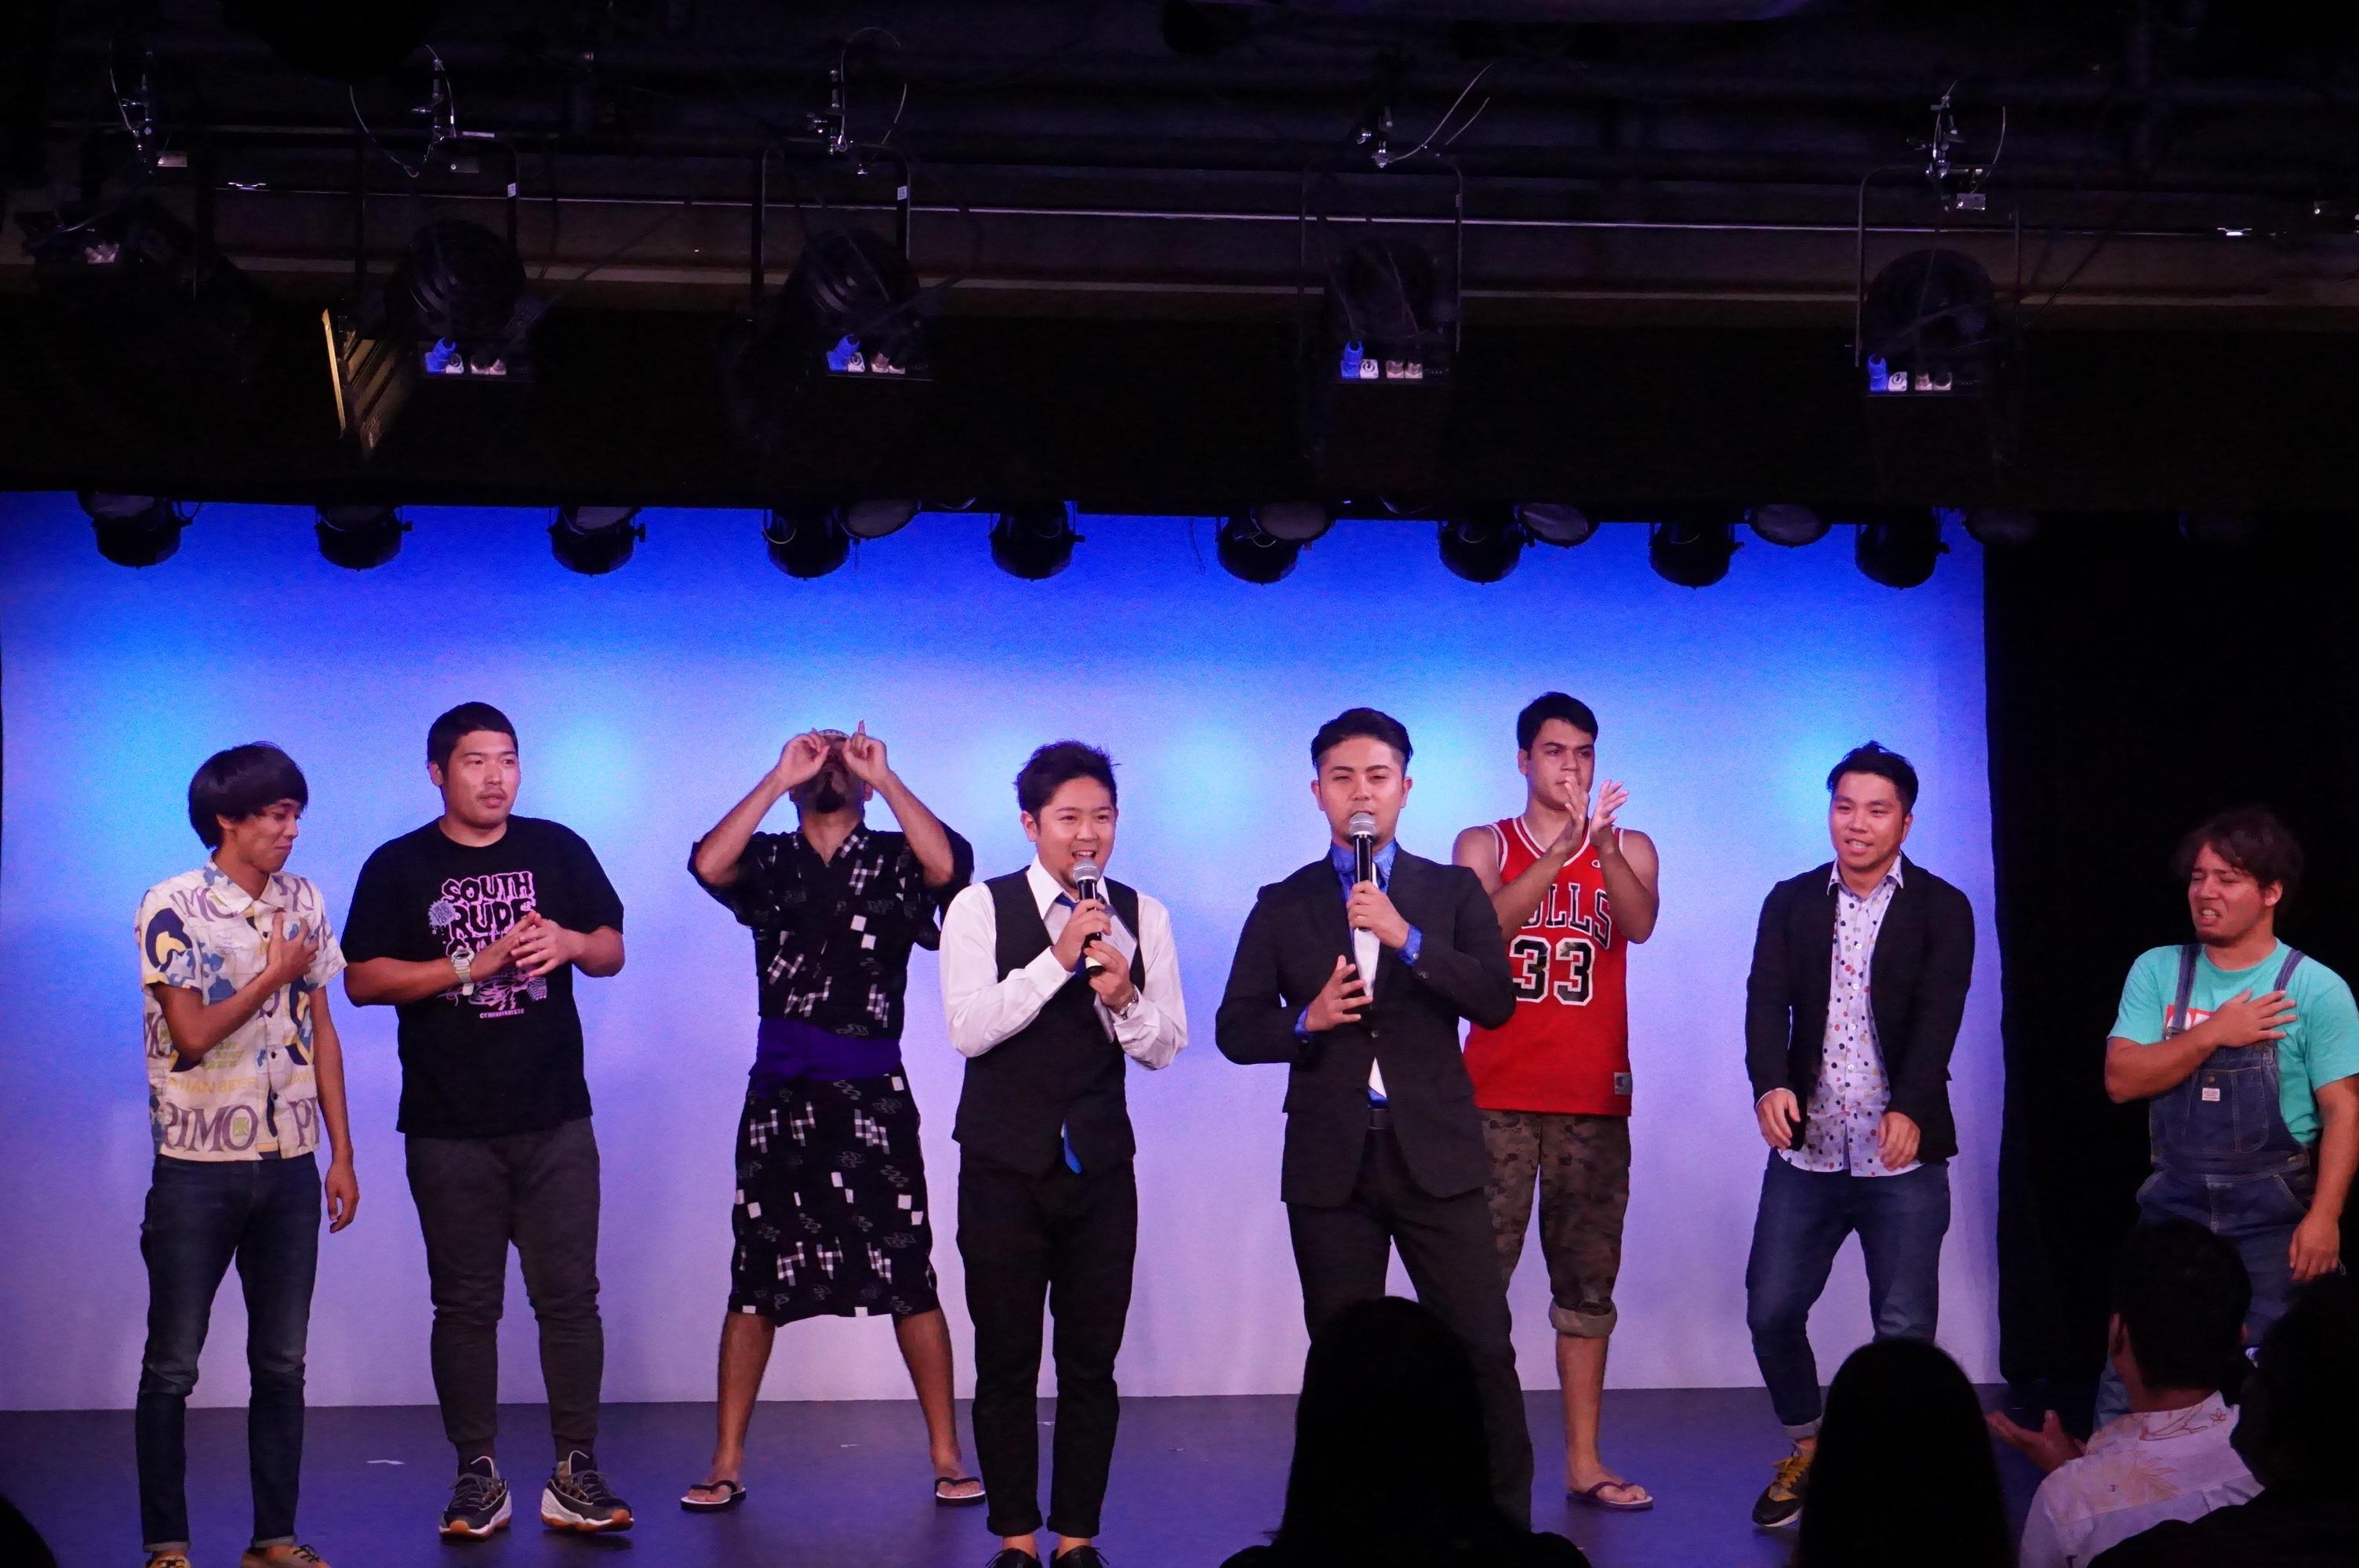 http://news.yoshimoto.co.jp/20180724164729-dbd594074c12895662ceec7ba2741eb9e9ba7014.jpg